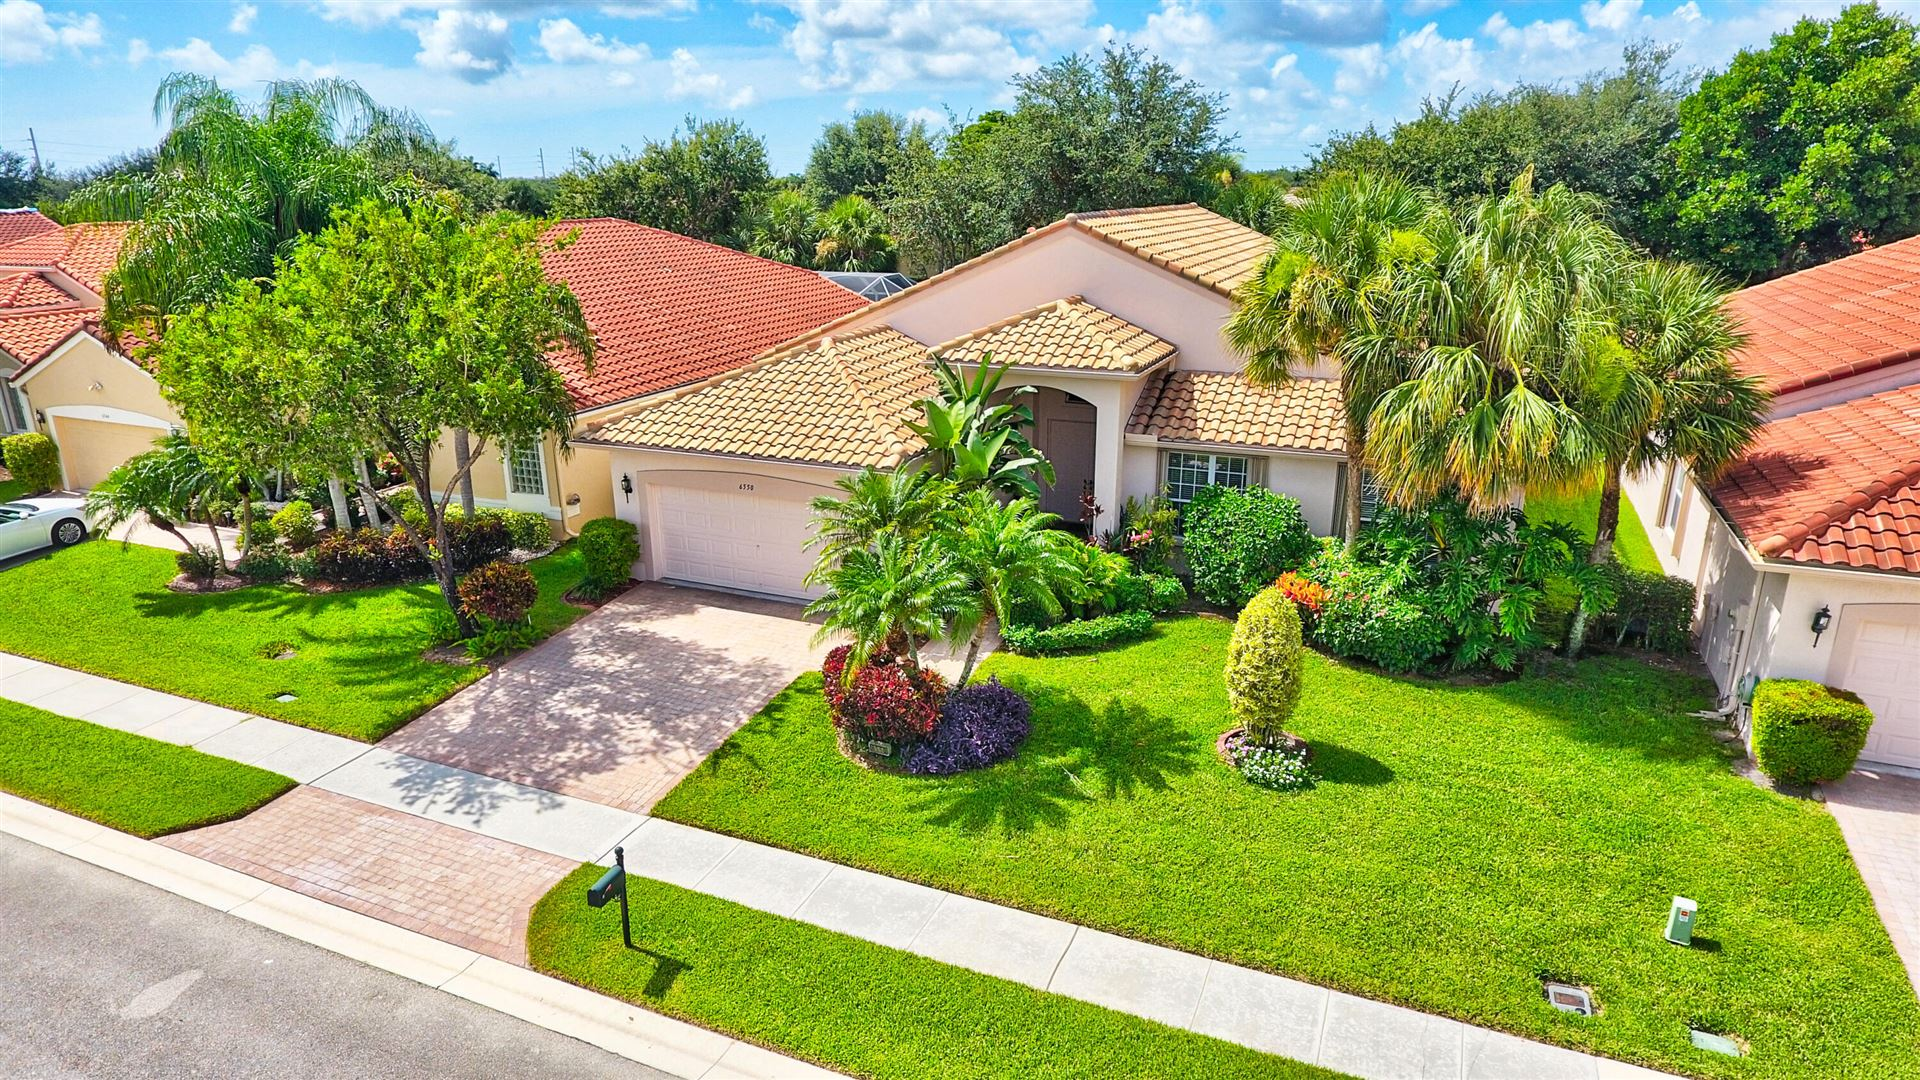 Photo of 6550 Maggiore Drive, Boynton Beach, FL 33472 (MLS # RX-10733779)